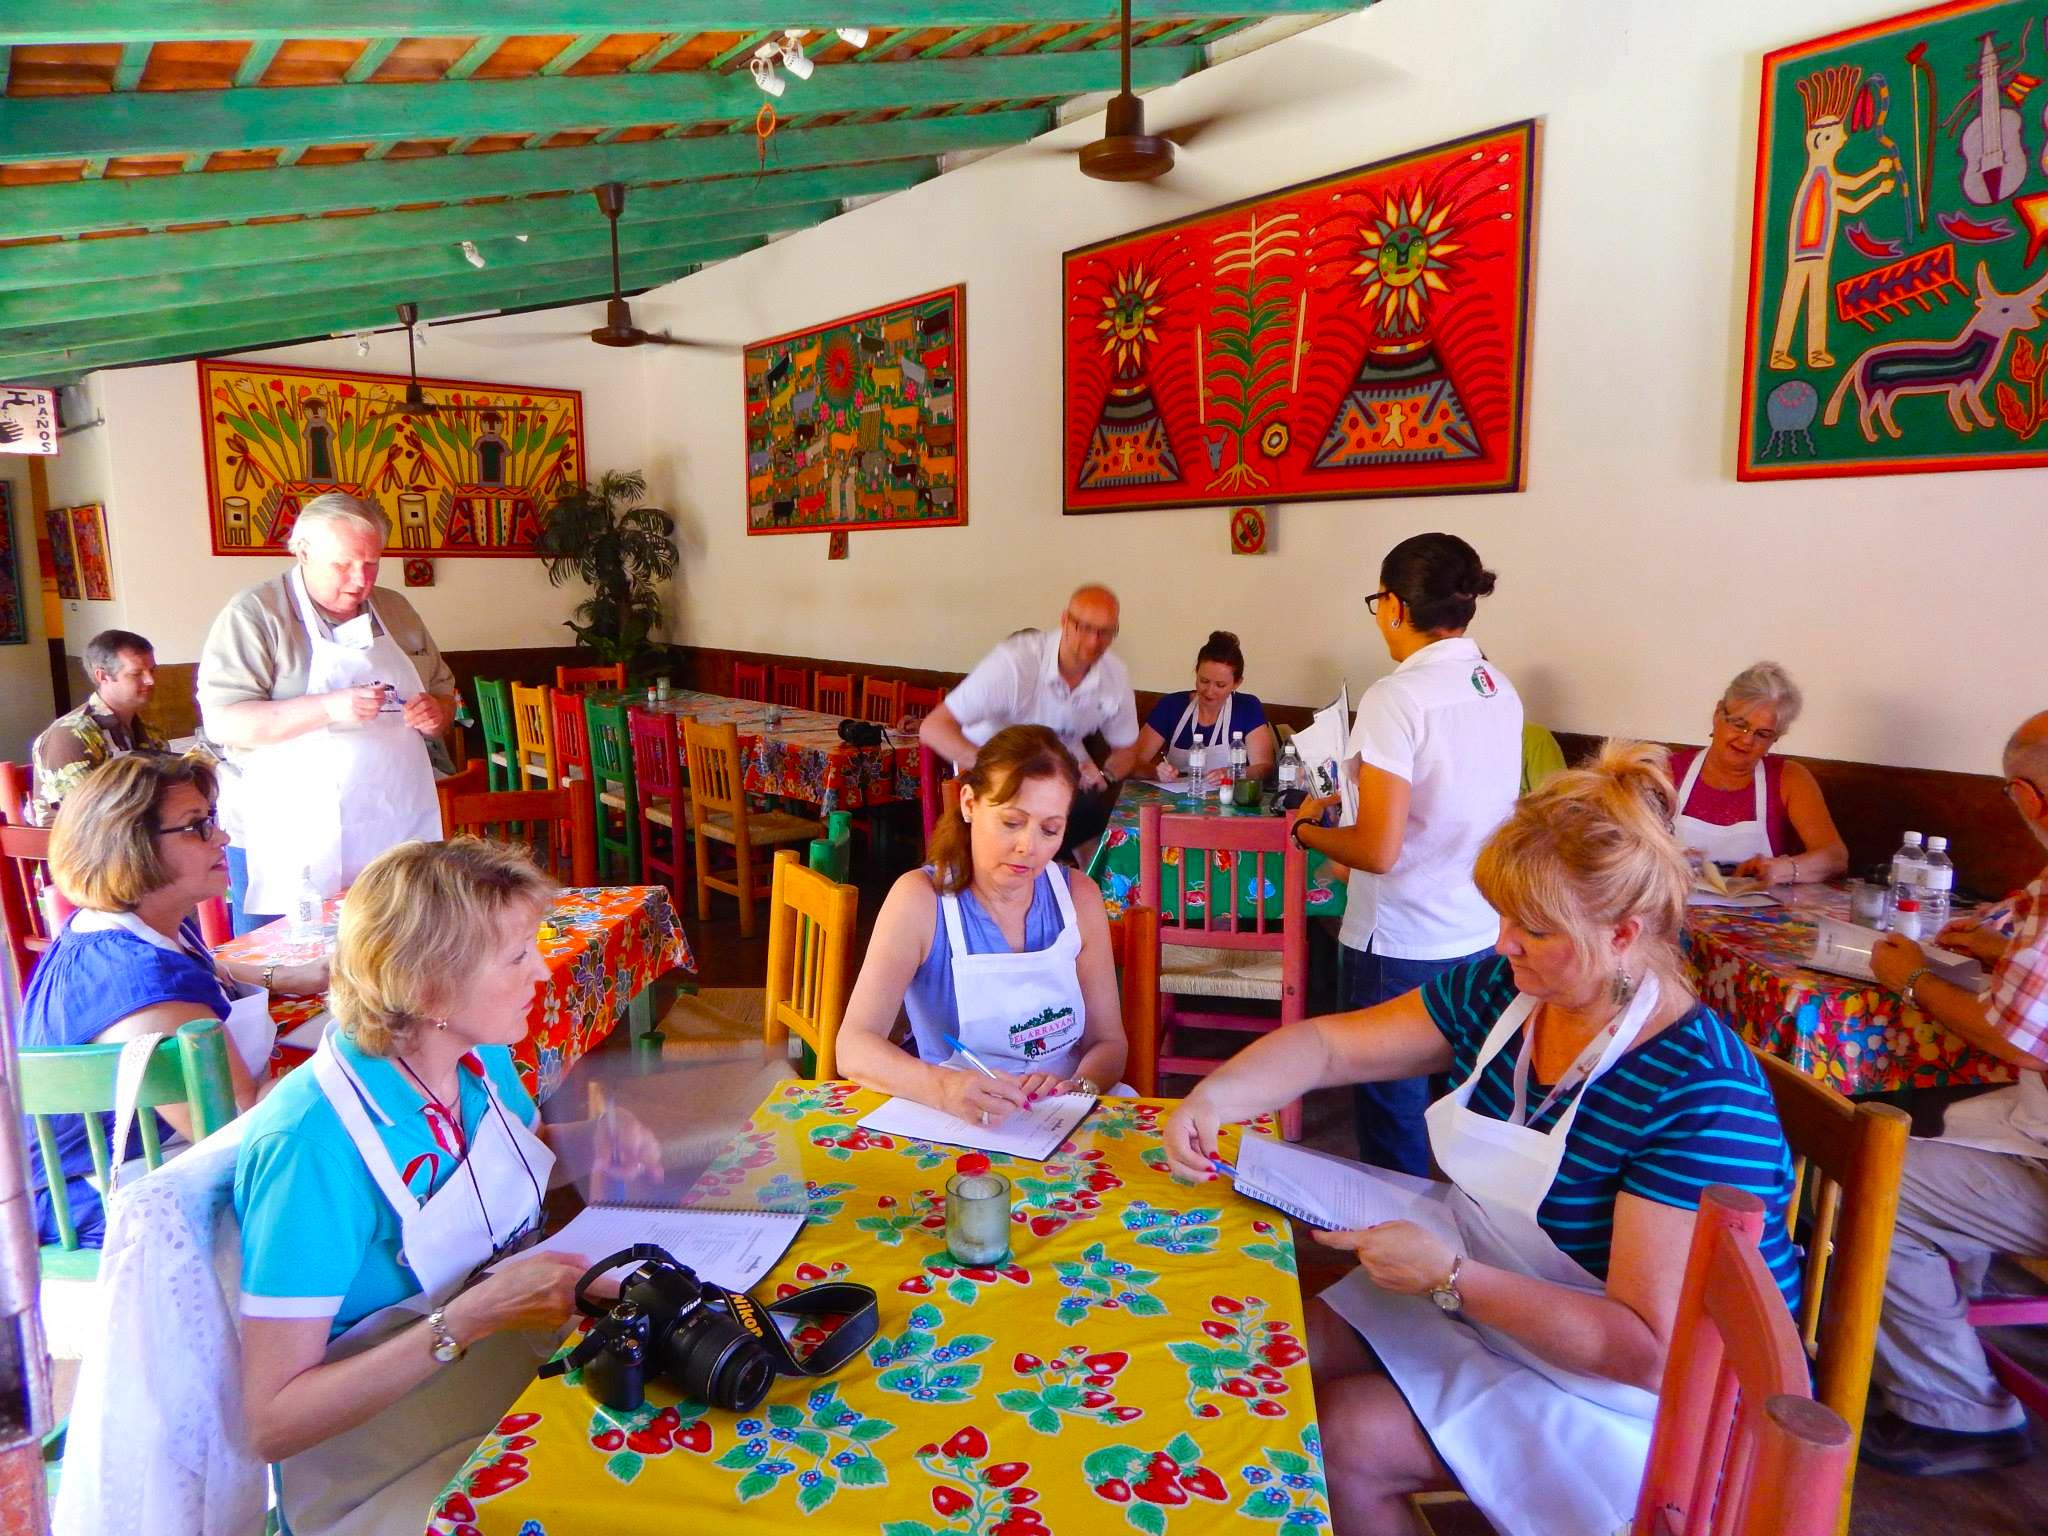 El Arrayán - Cooking Clases in Puerto Vallarta